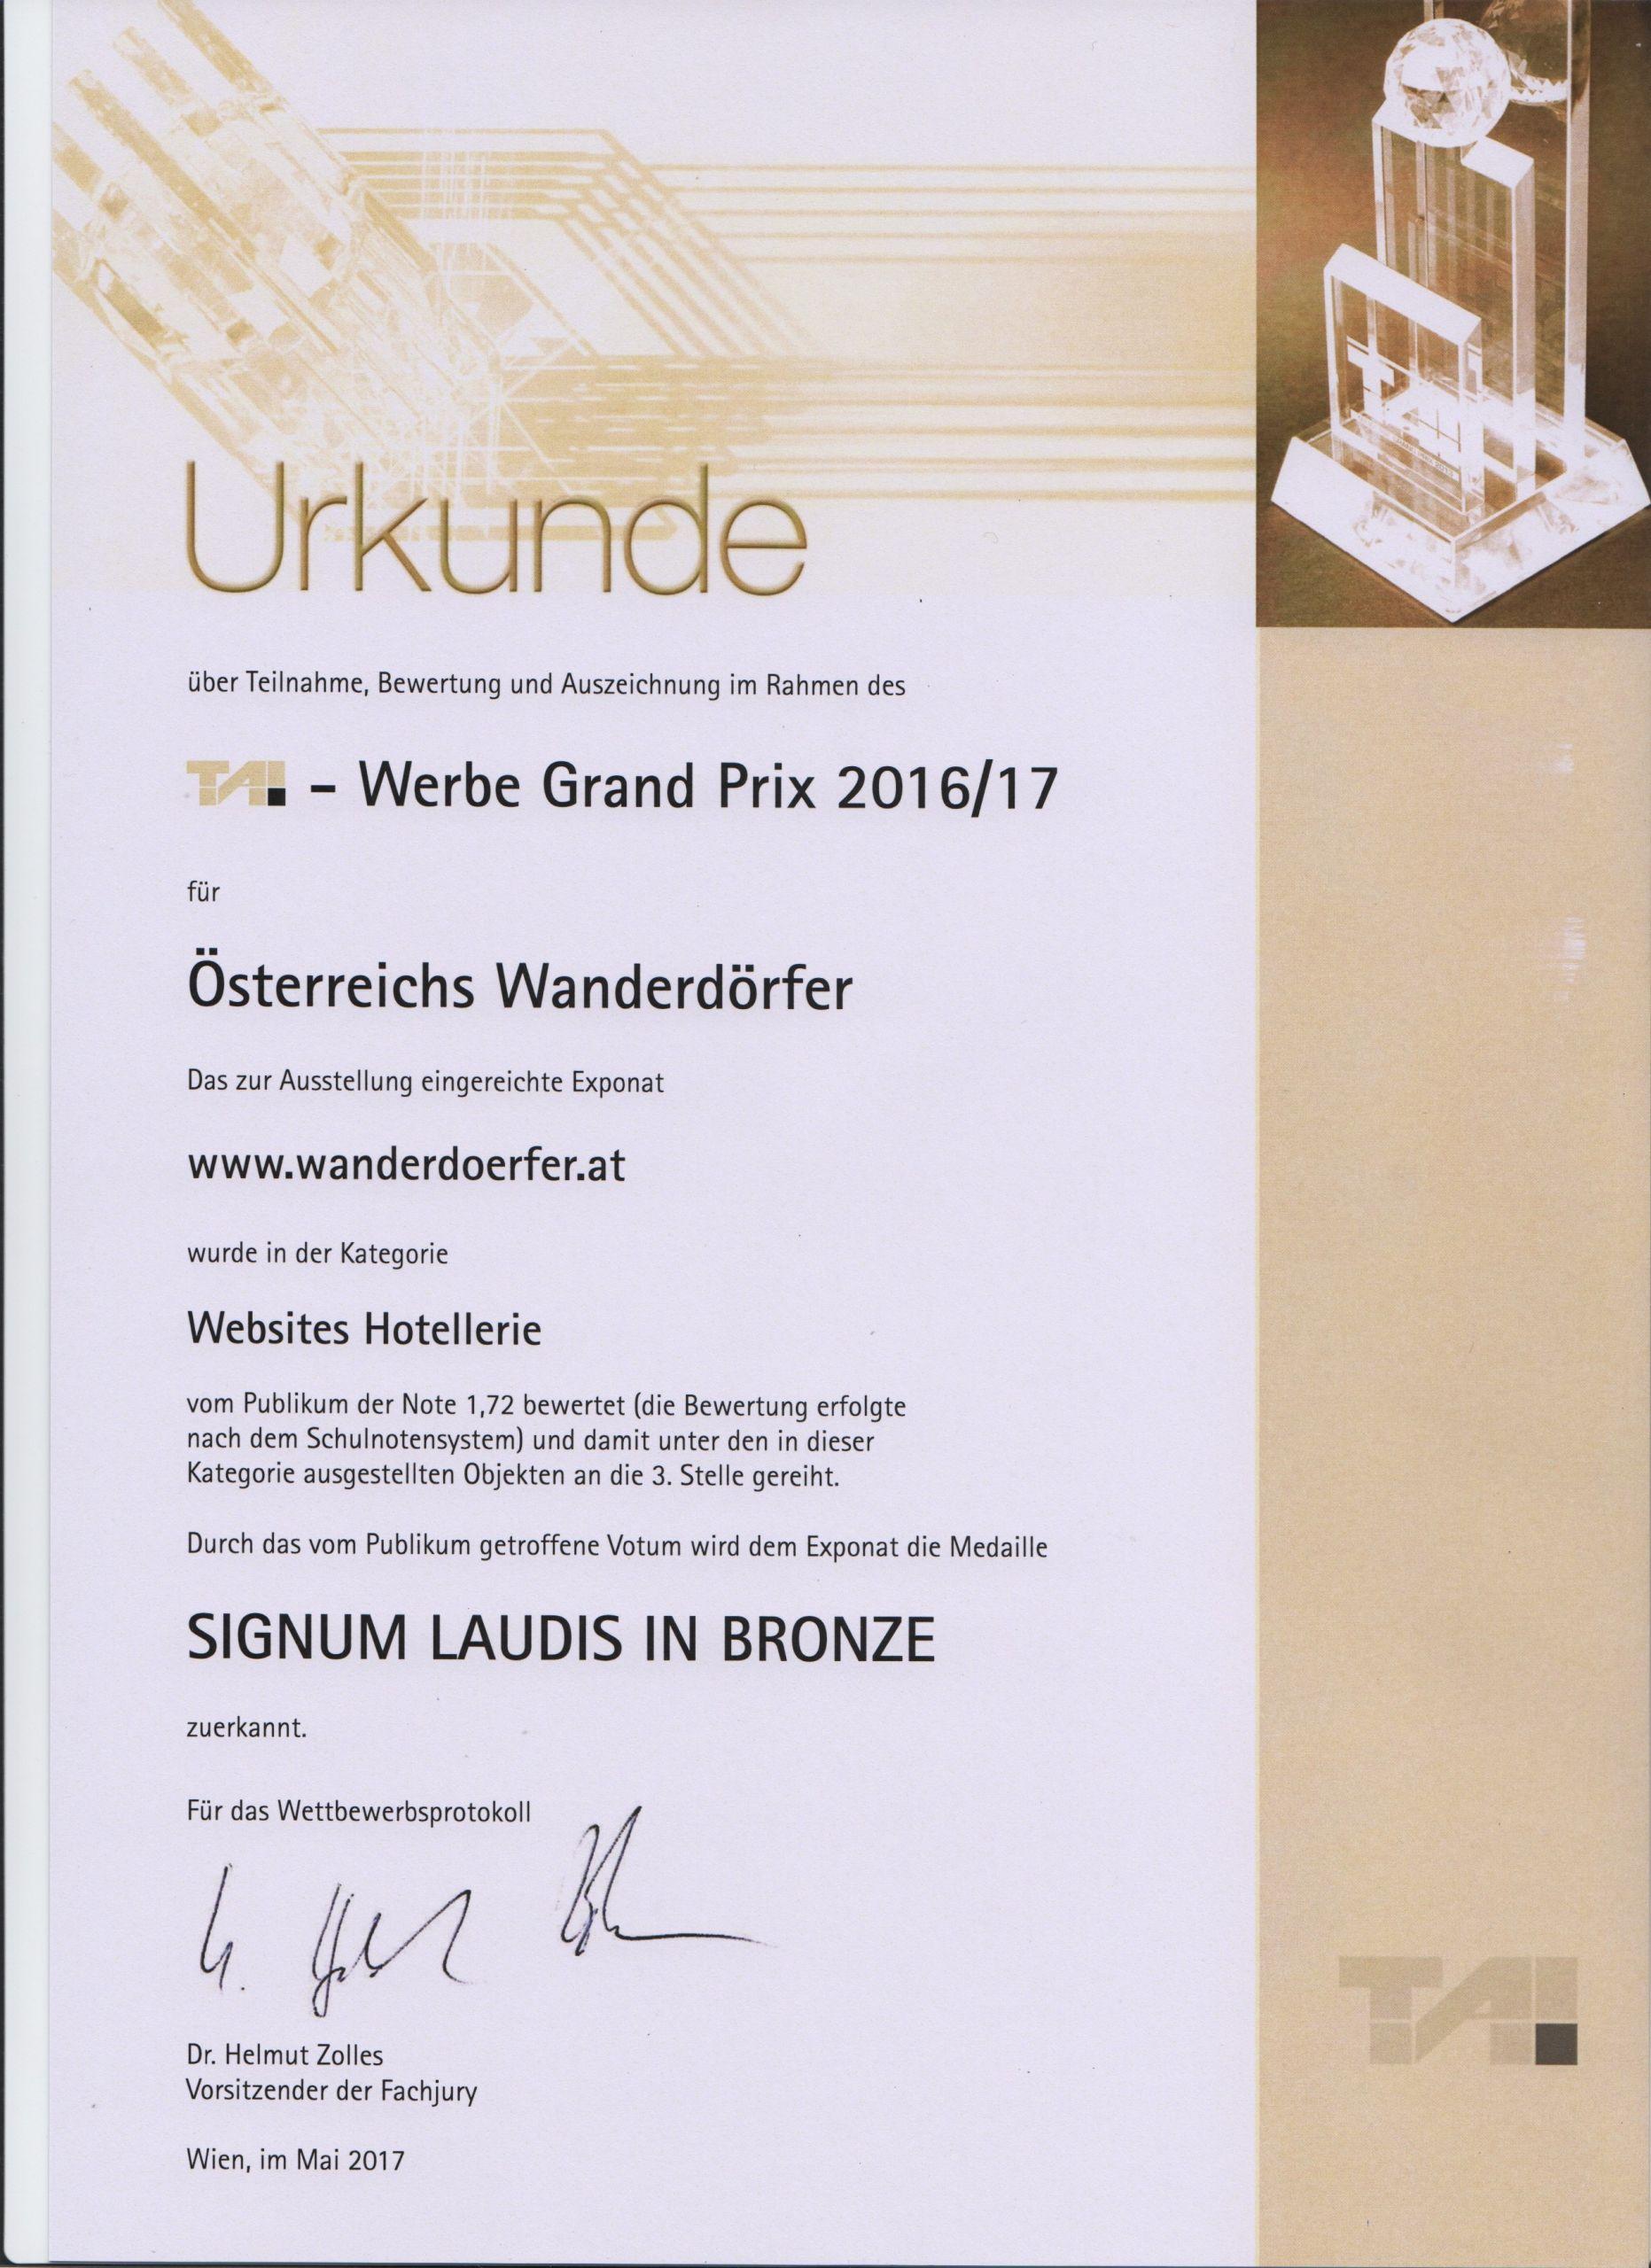 Urkunde Signum Laudis Bronze